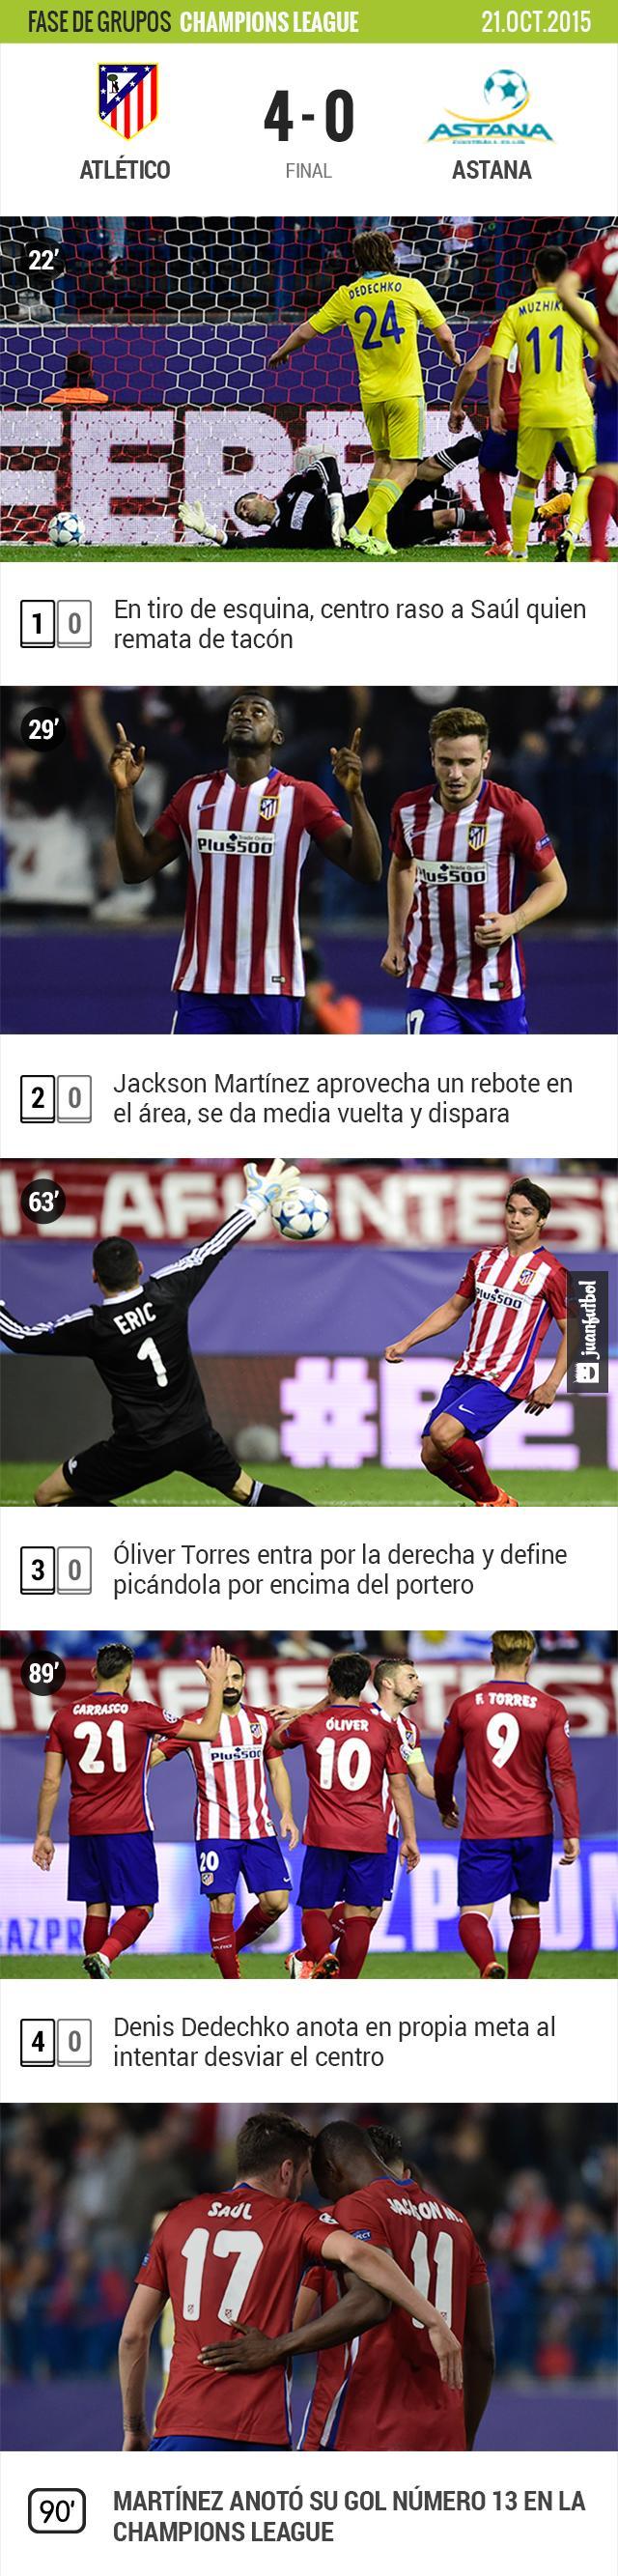 Atlético-Astana